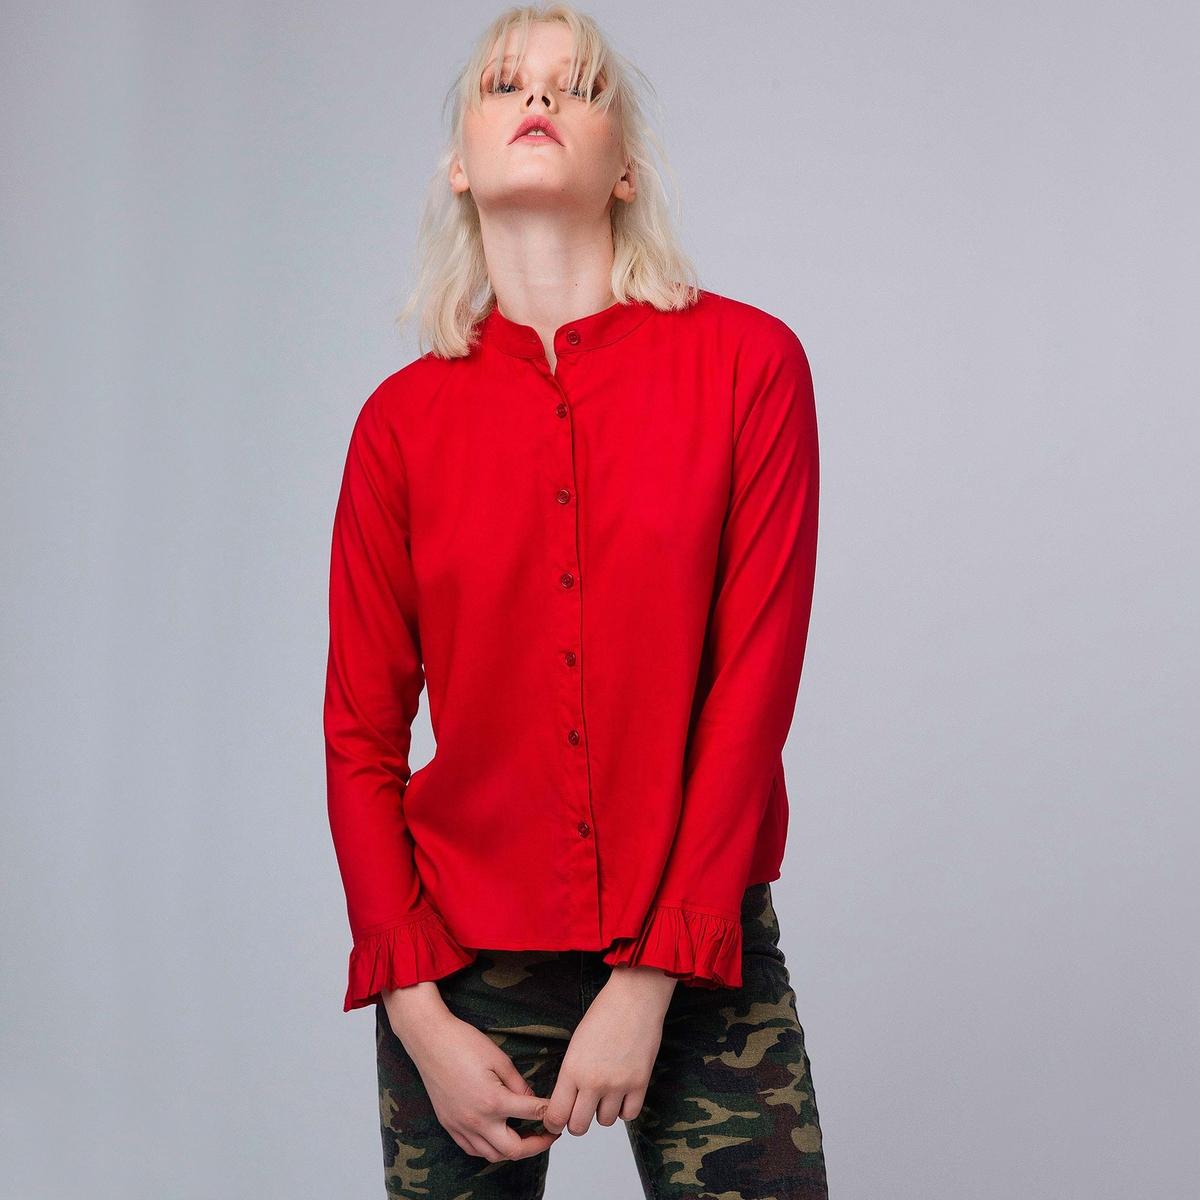 Рубашка с воланами msgm топ с крупными воланами